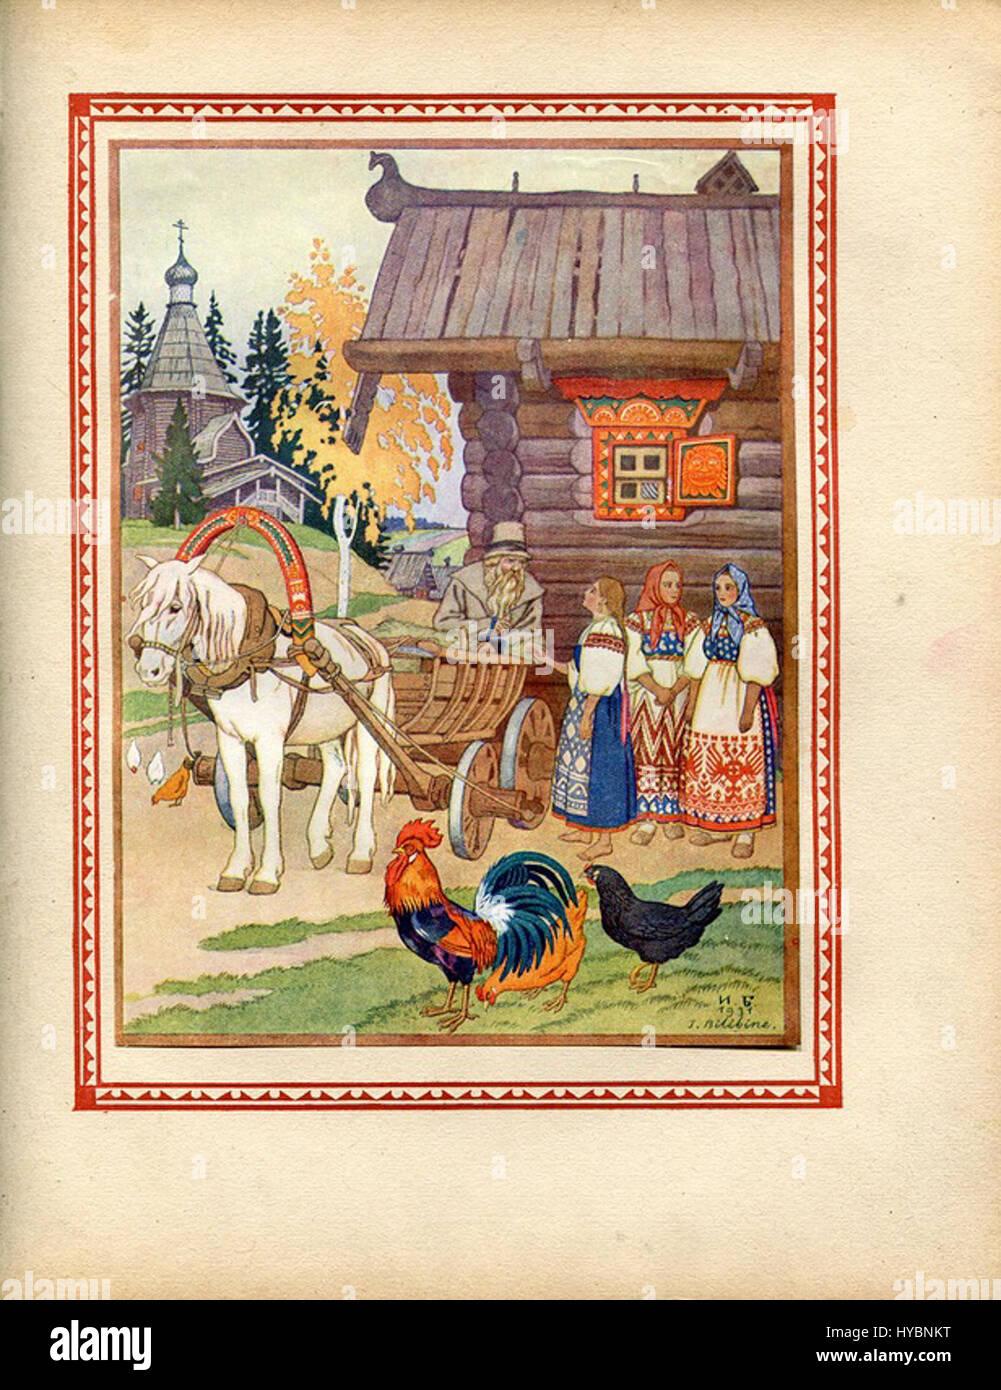 Contes de l'isba (1931)   Une plume de Finist le Beau Sokol 2 - Stock Image